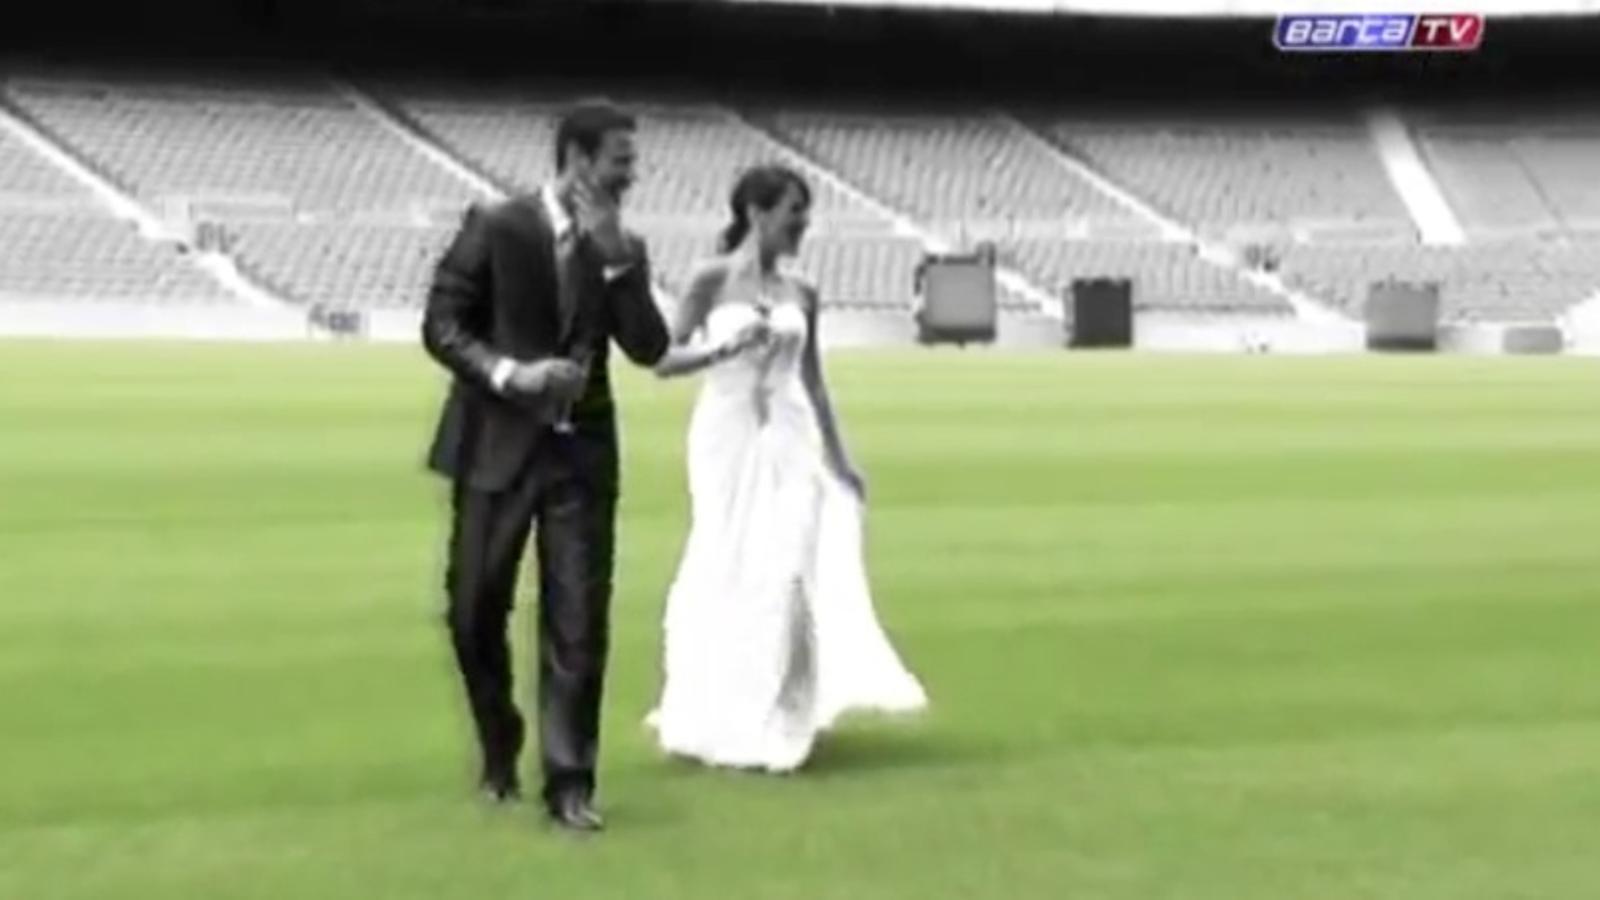 Primer casament al Camp Nou, dos socis del Barça del Masnou